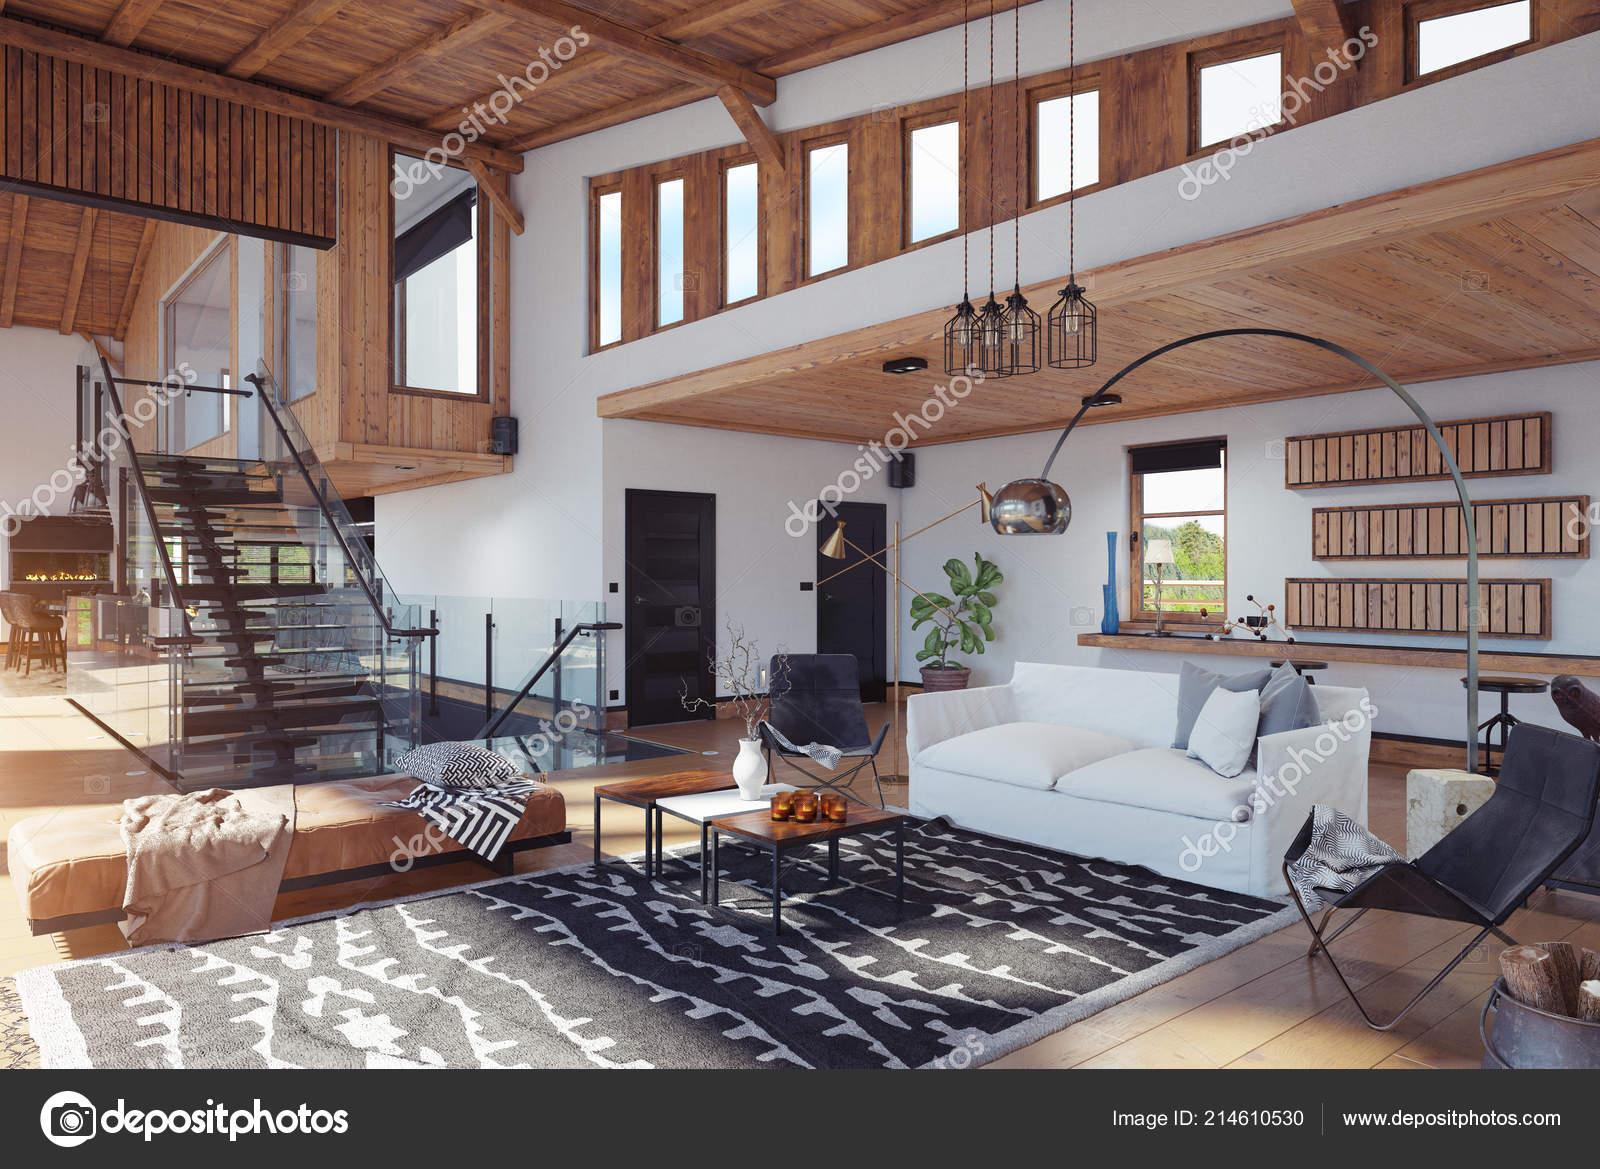 Modernes Chalet Interieur Rendering Design Konzept ...